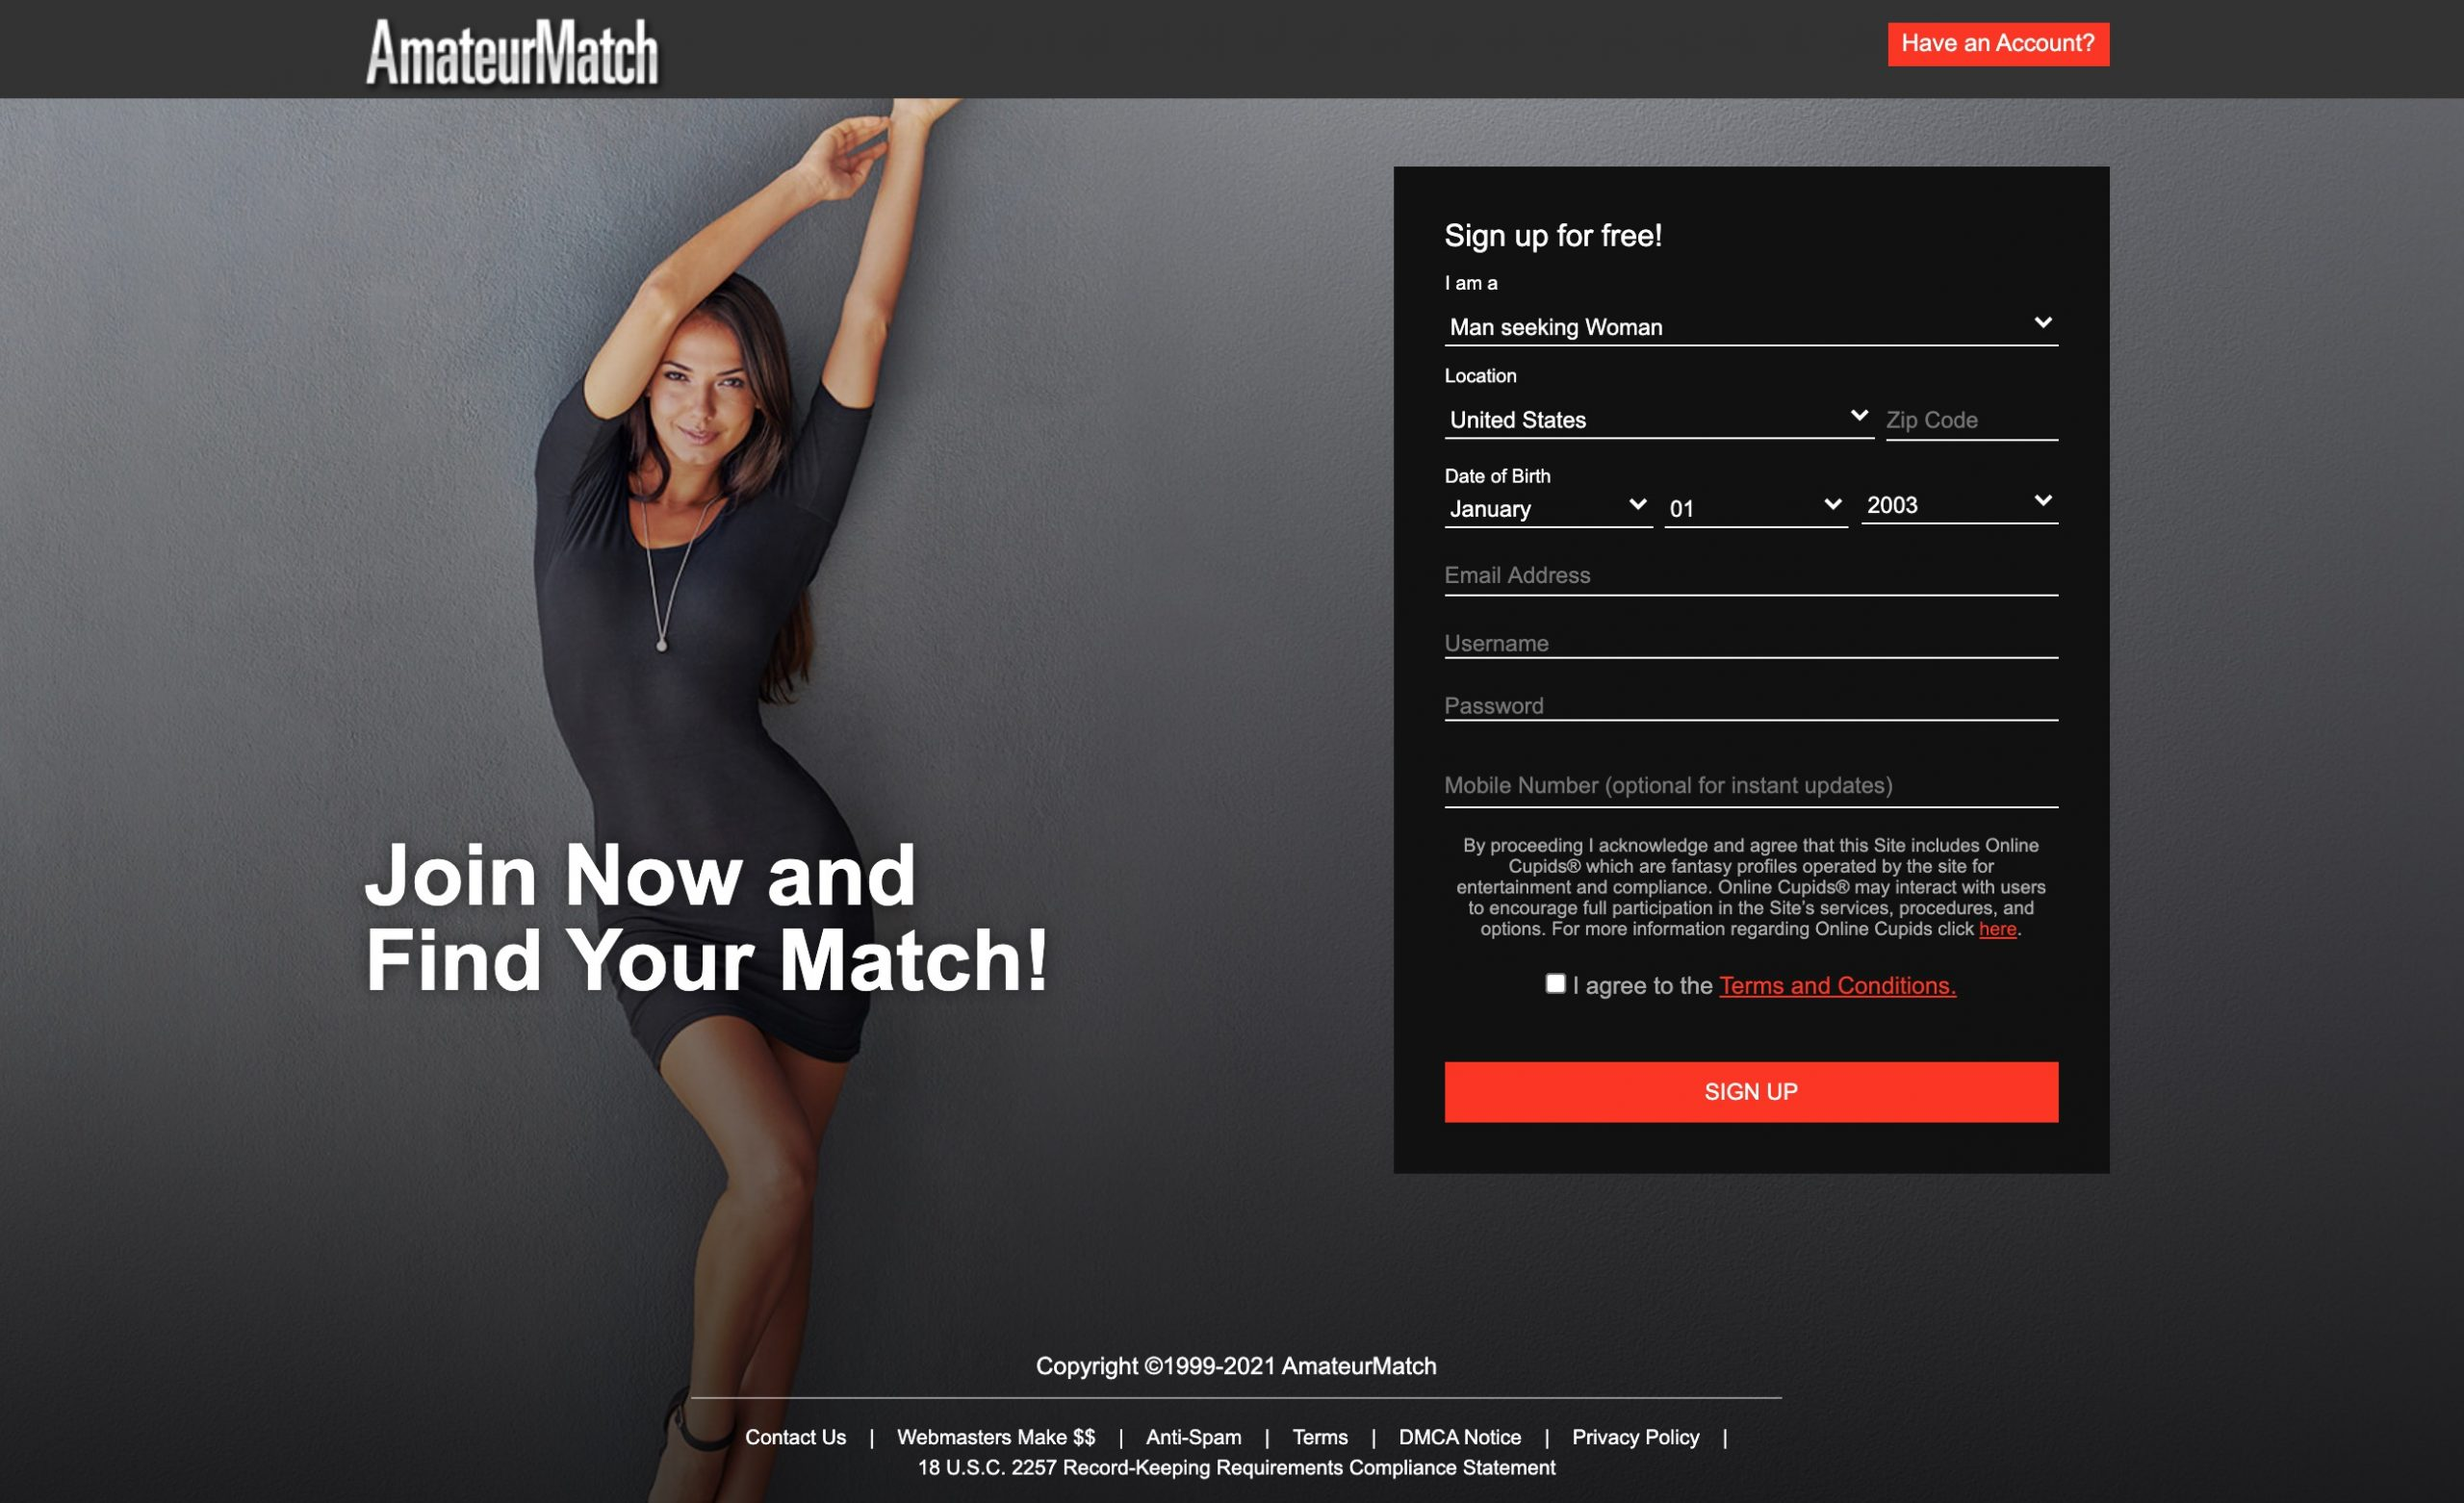 AmateurMatch main page